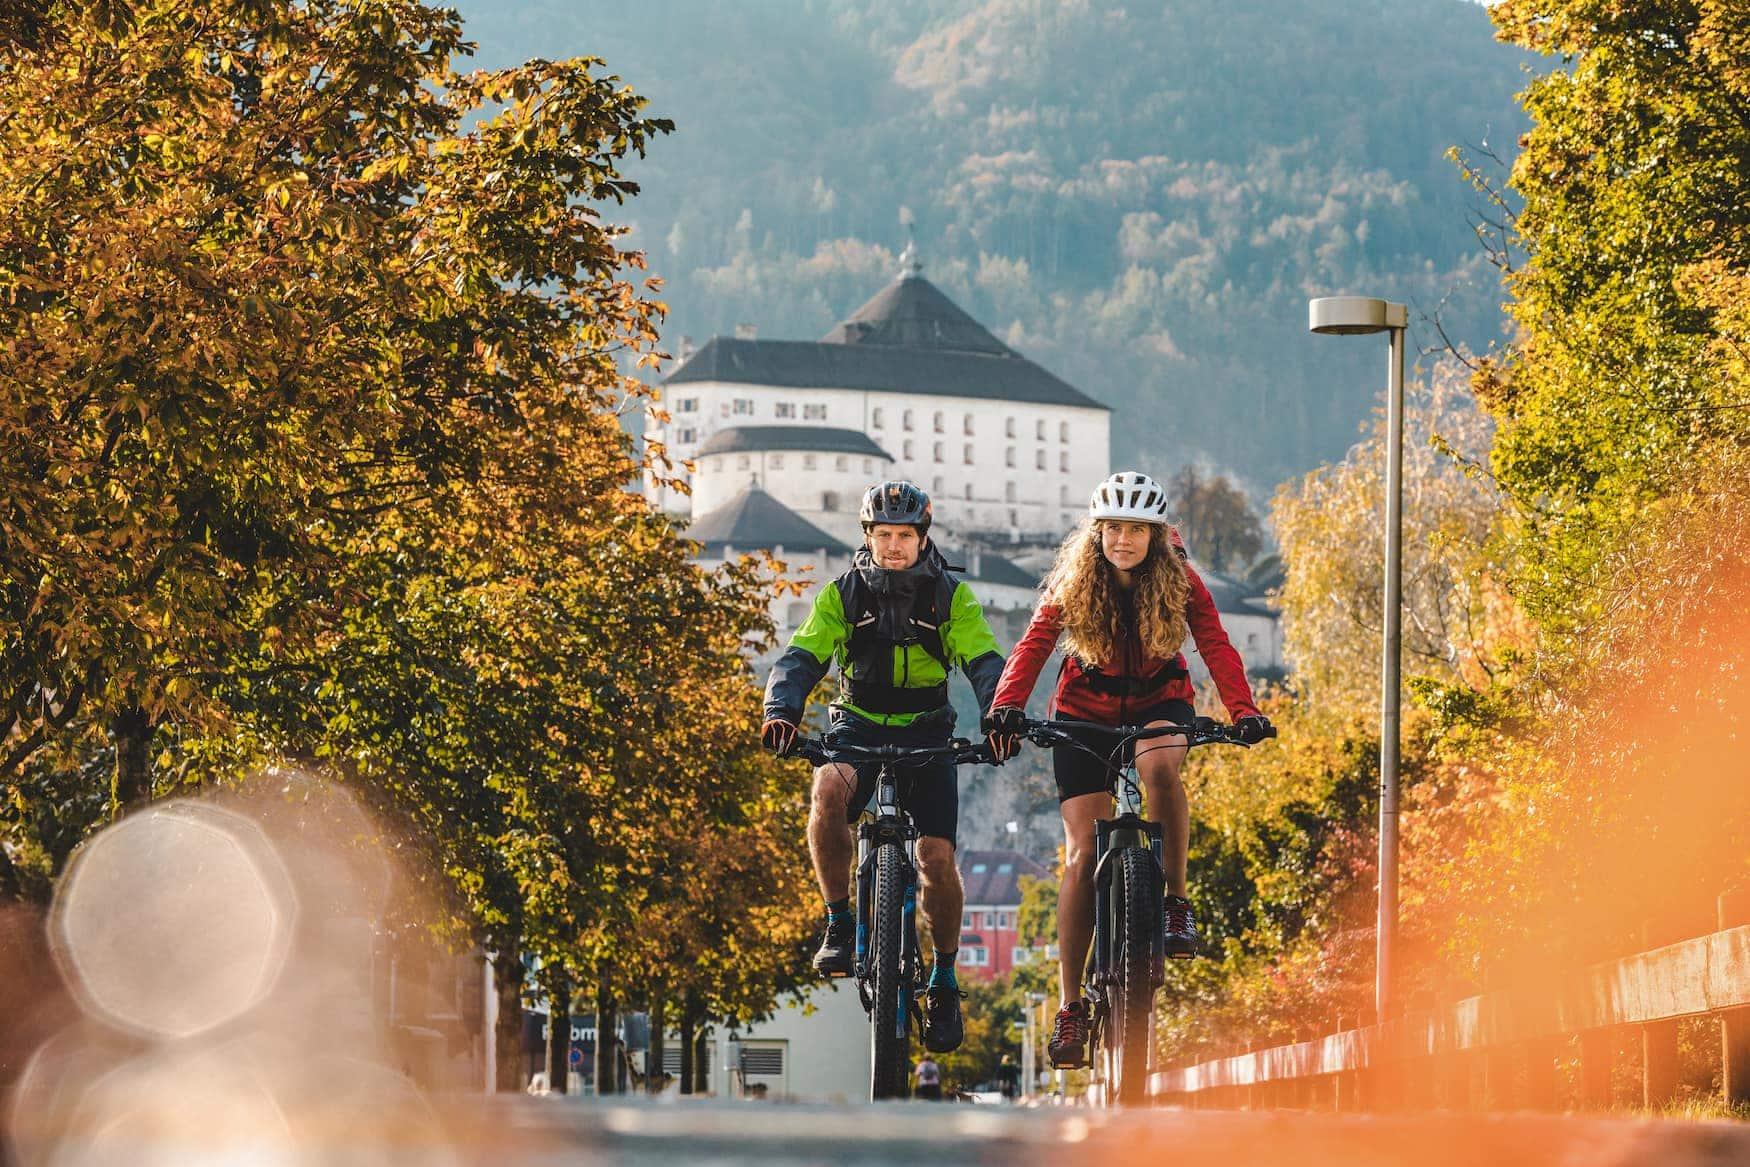 Fahrradfahrer vor mittelalterlichen Kulisse in Kufstein